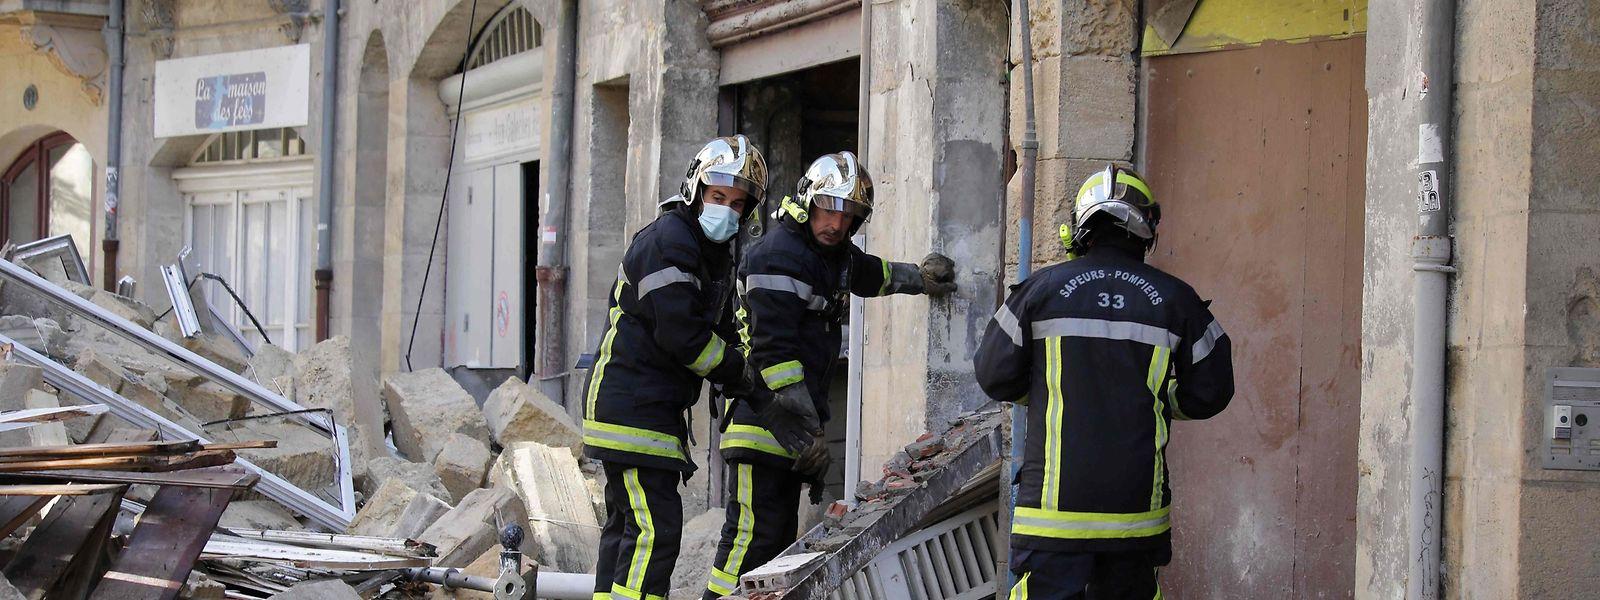 Feuerwehrleute vor den Trümmern der eingestürzten Häuser.